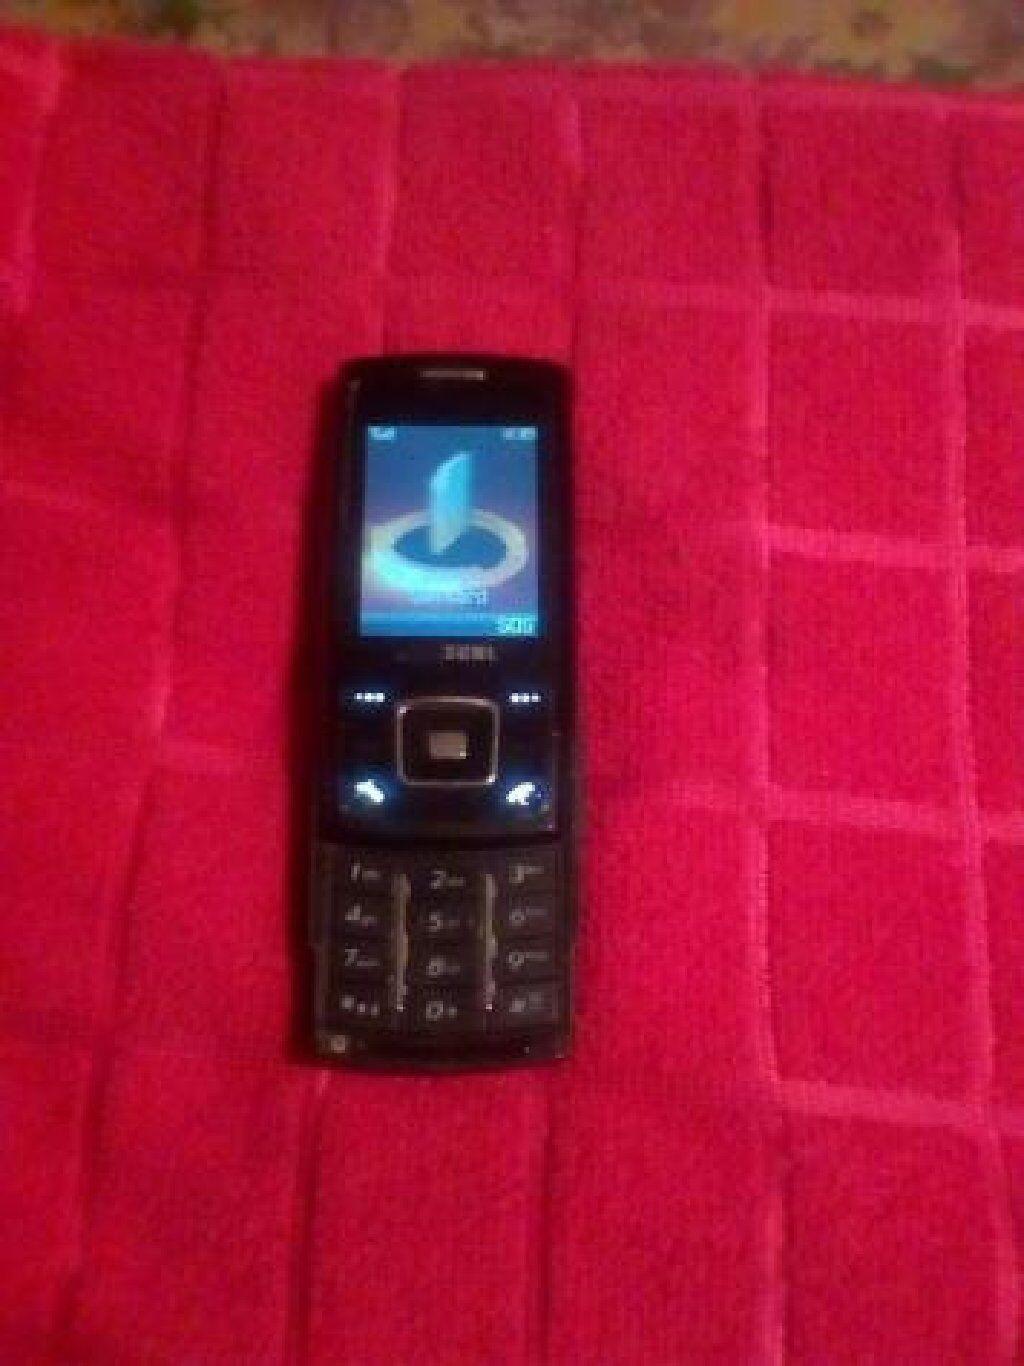 Samsungradi na svim mrezama